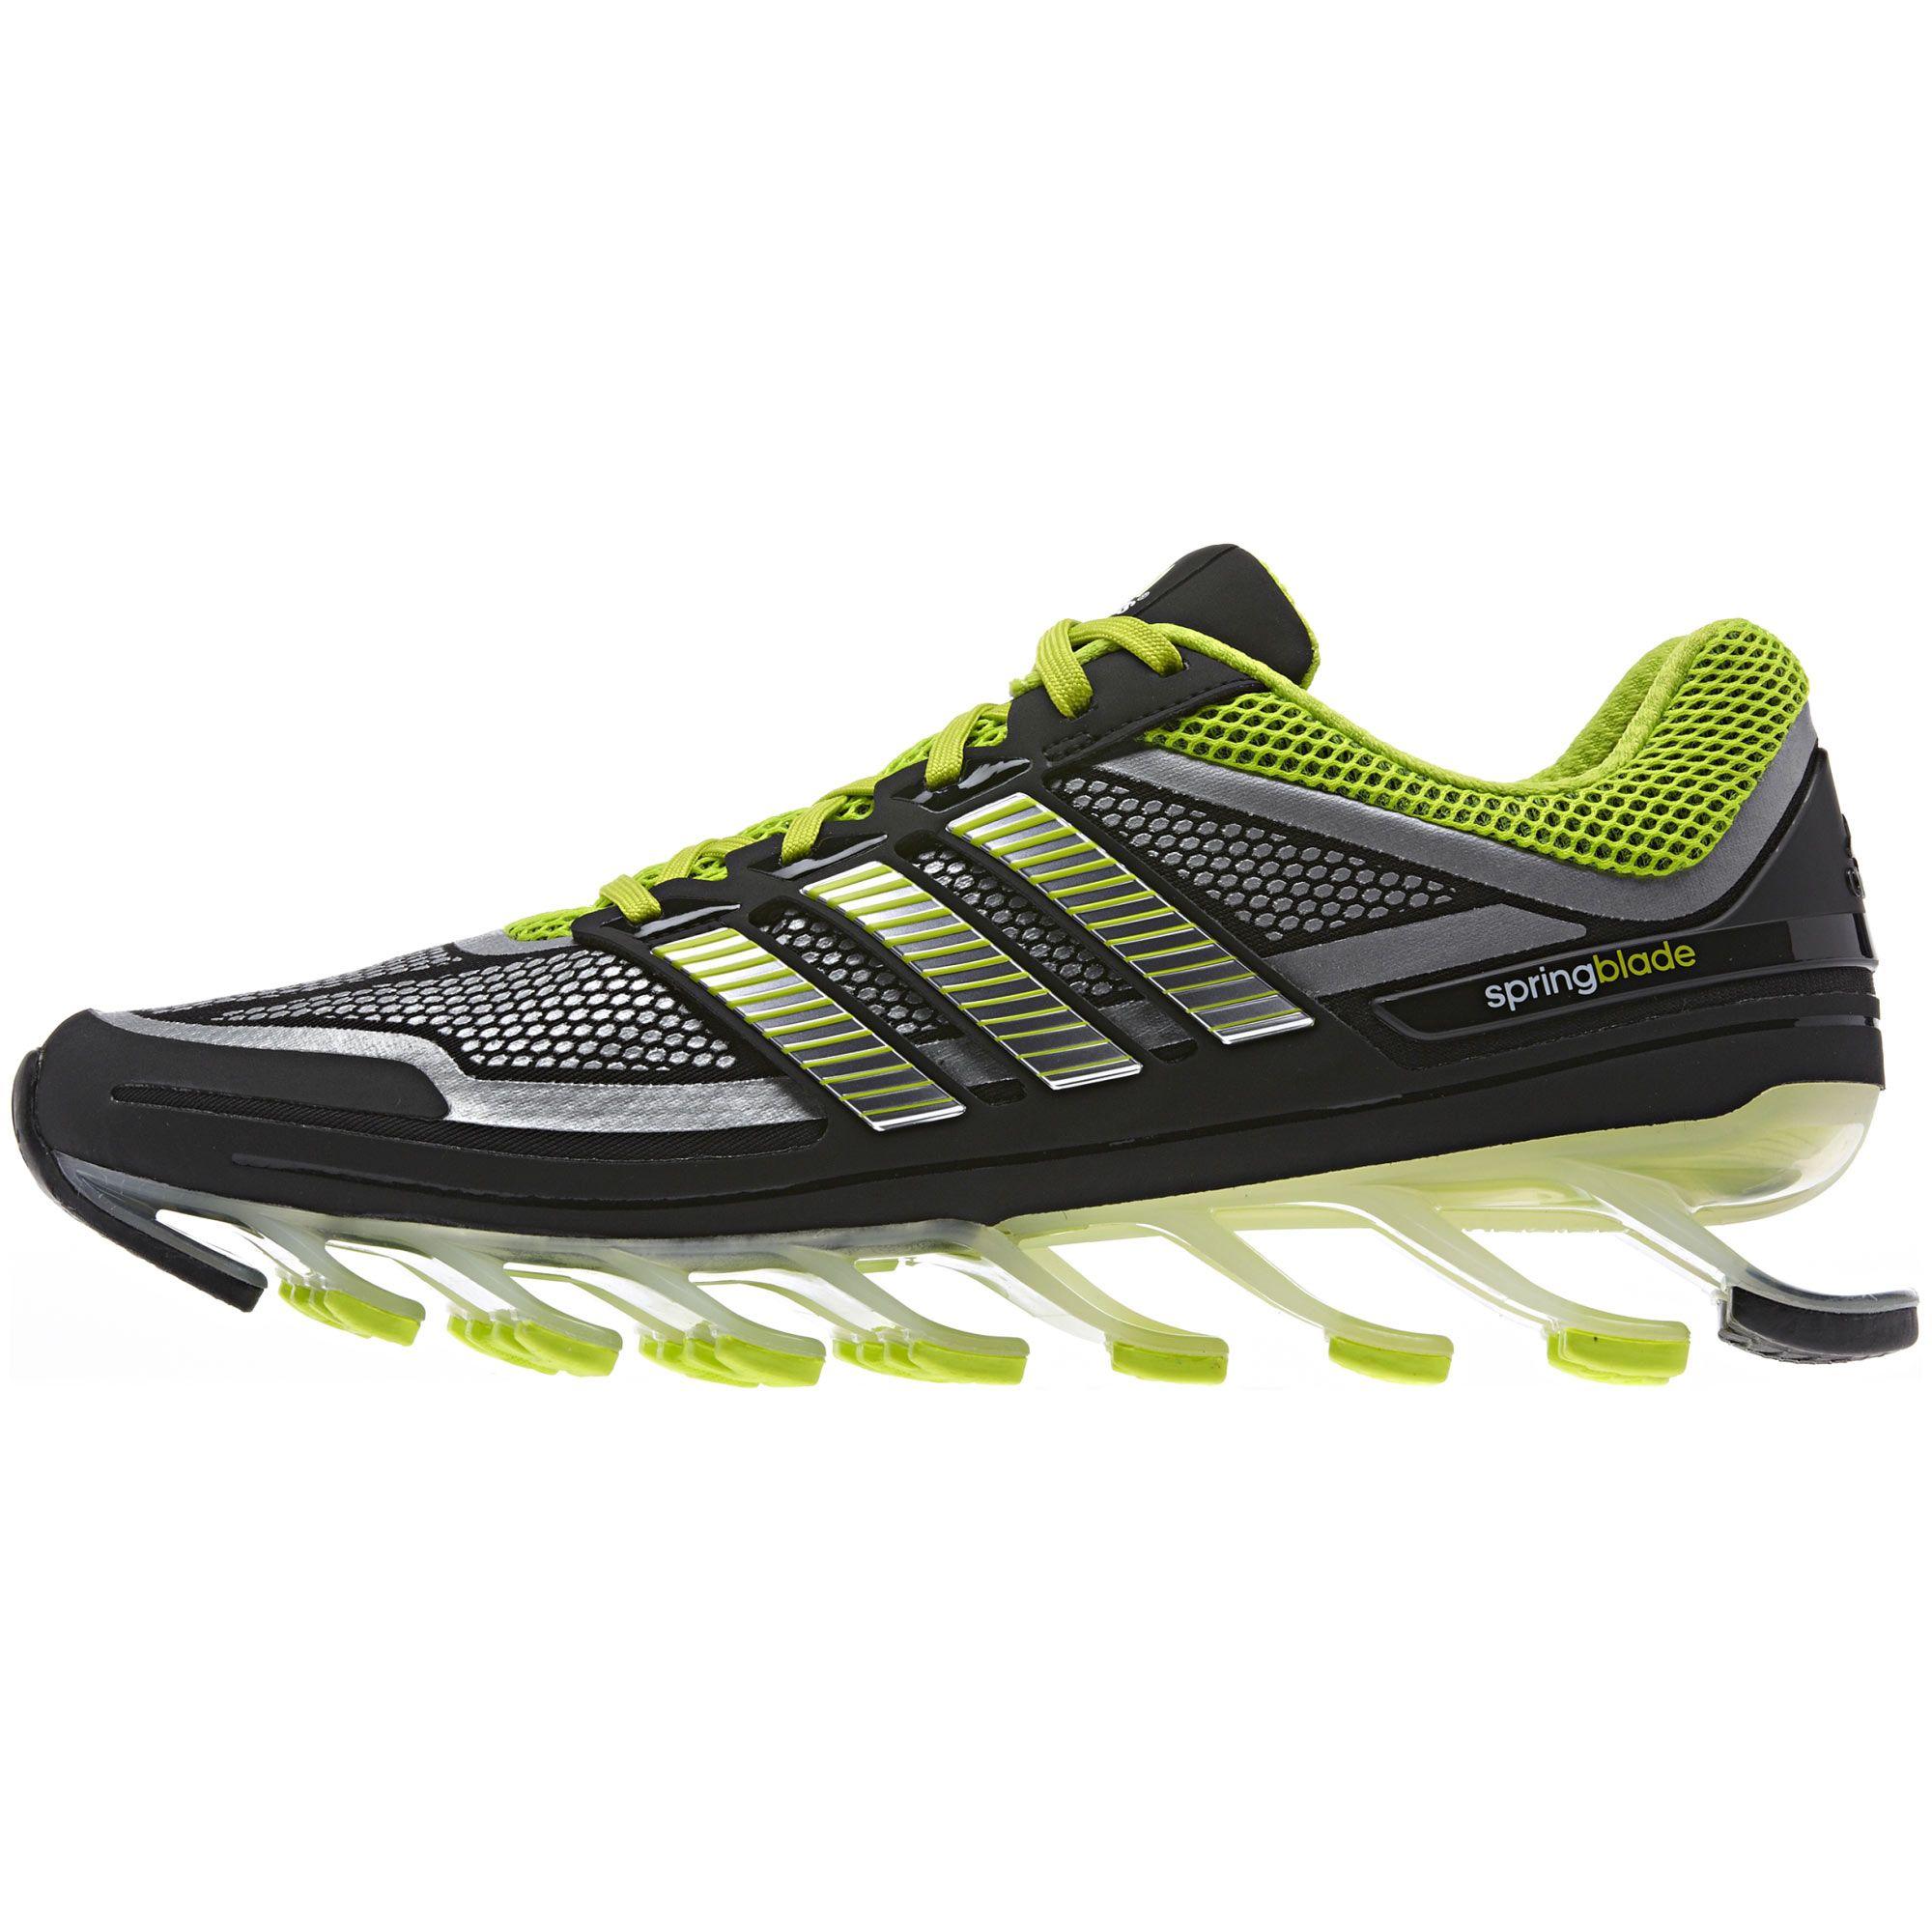 adidas Springblade Shoes | adidas Denmark